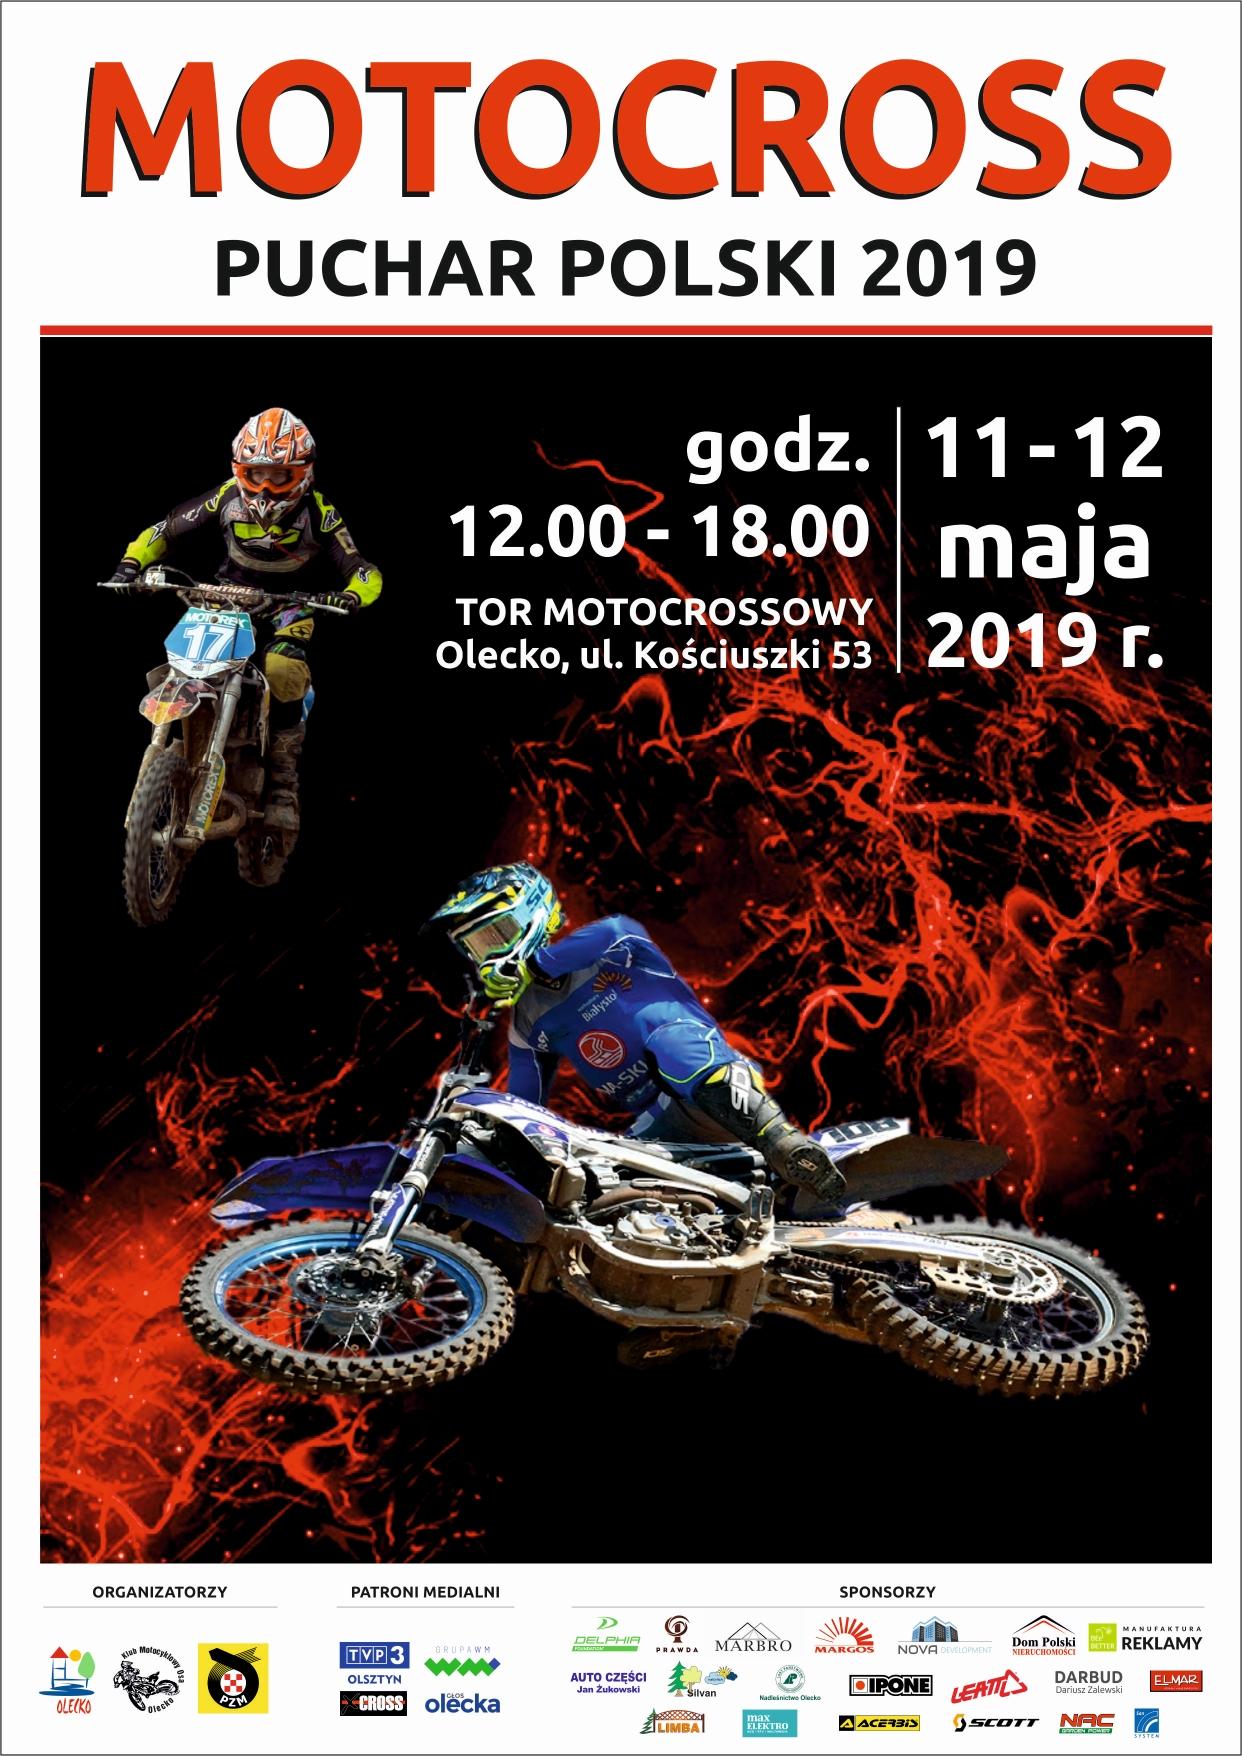 http://m.wm.pl/2019/05/orig/motocross-plakat-2-548086.jpg